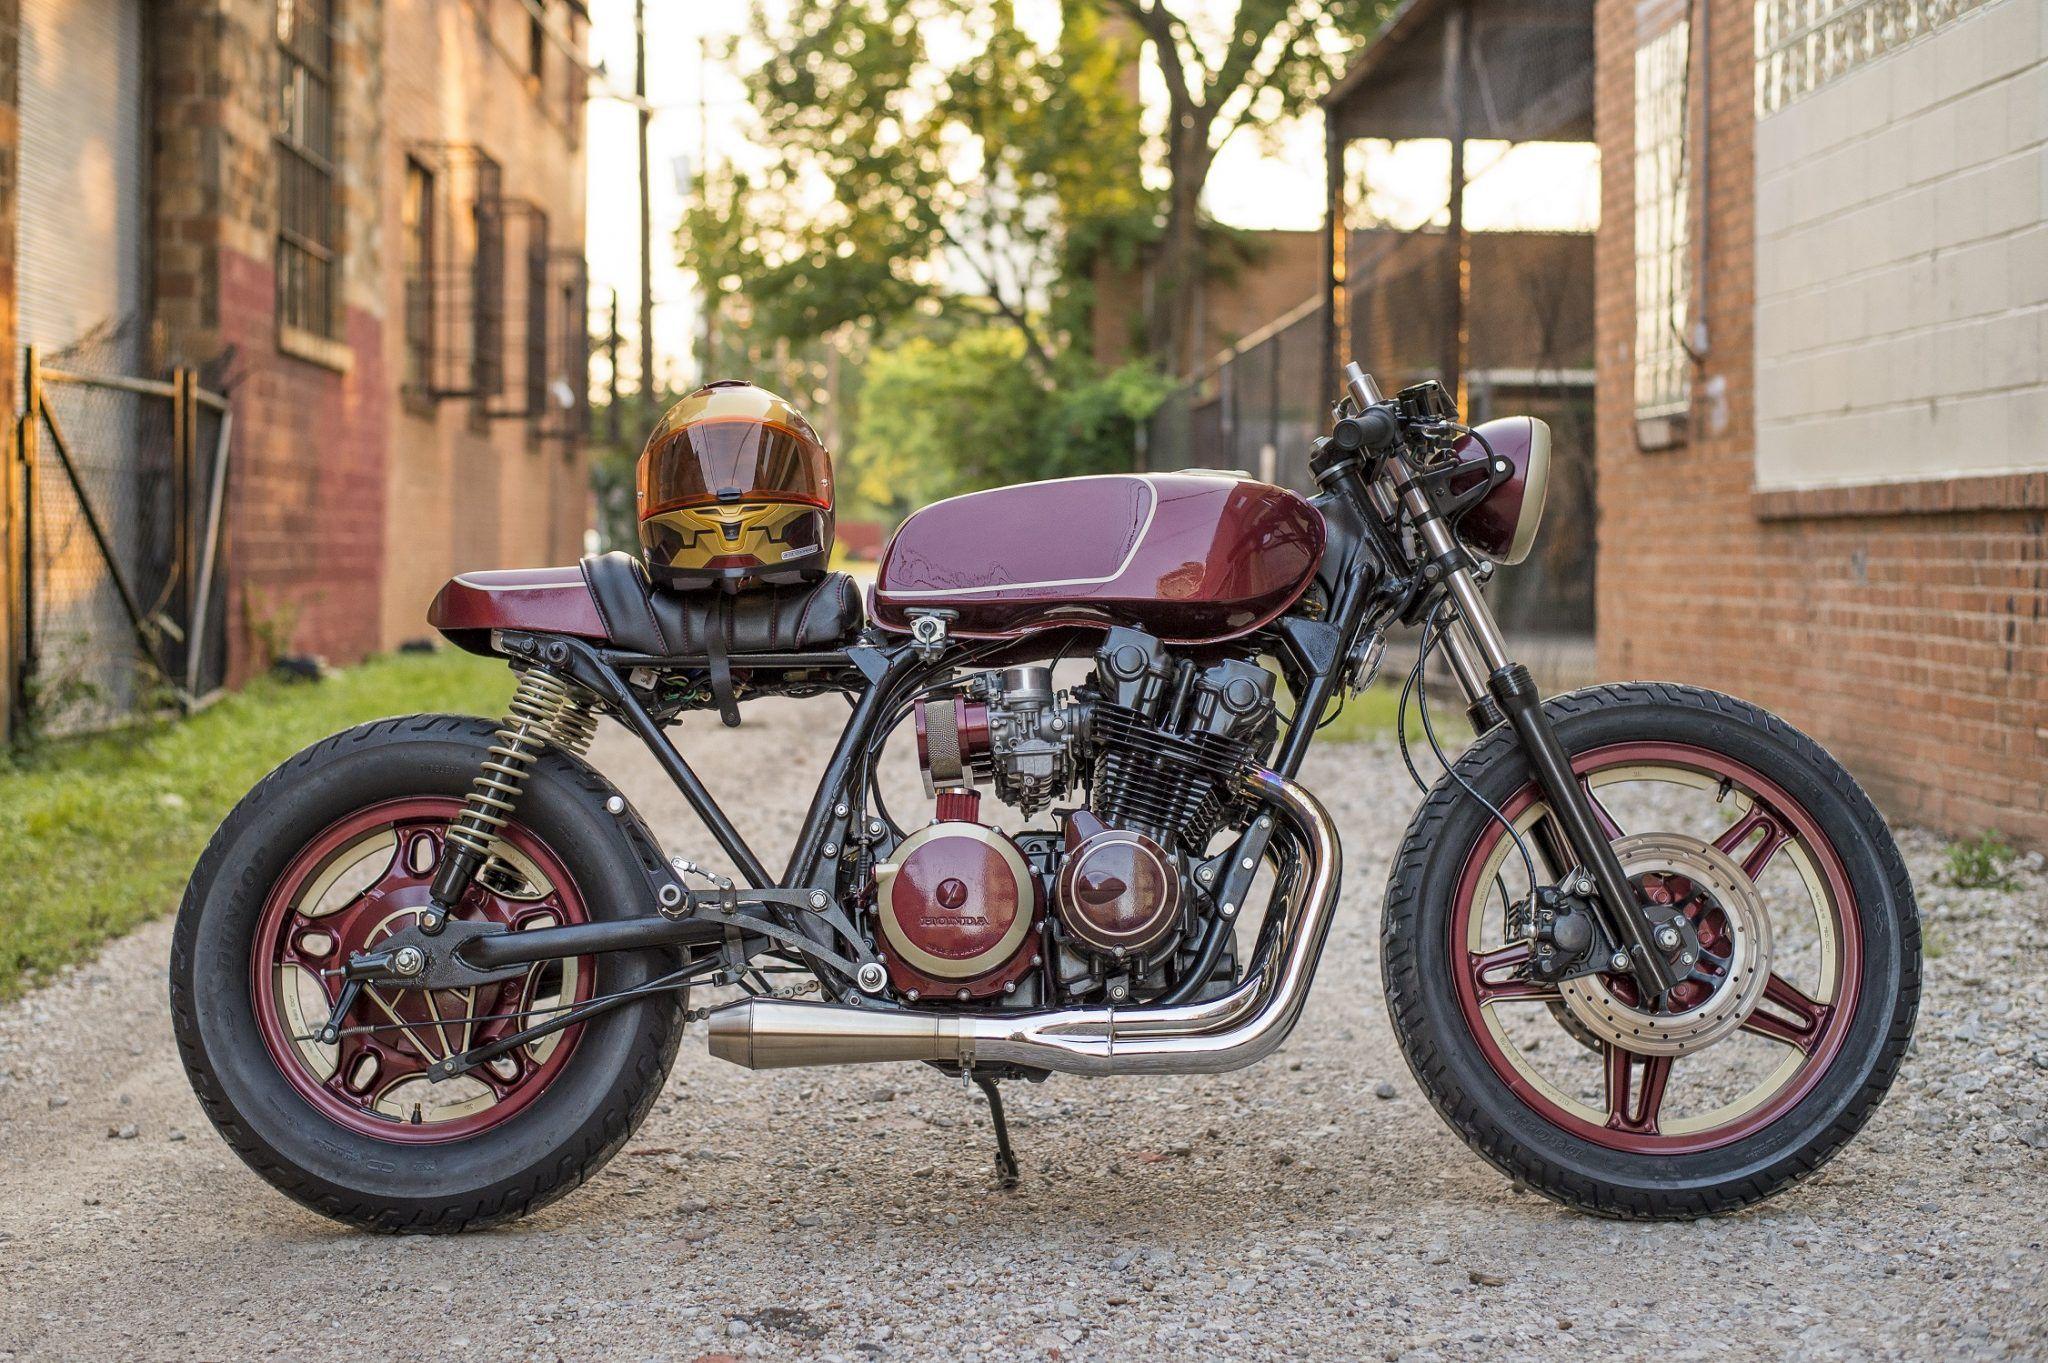 1981 Honda Cb750c Custom Cafe Racer Motorcycles For Sale Cafe Racer Honda Custom Cafe Racer Cafe Racer [ 1363 x 2048 Pixel ]